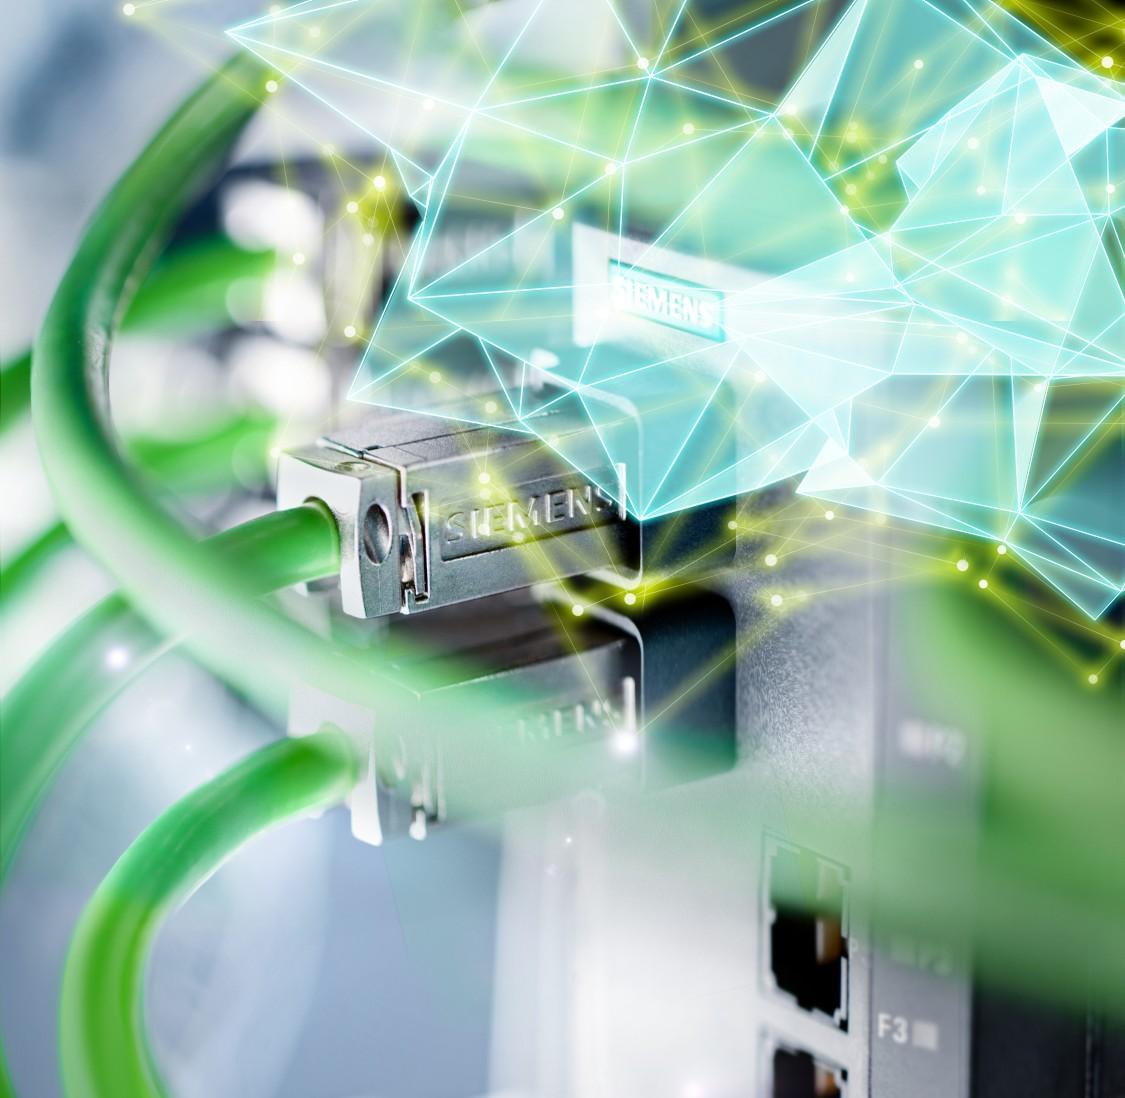 西门子工业网络专家认证培训